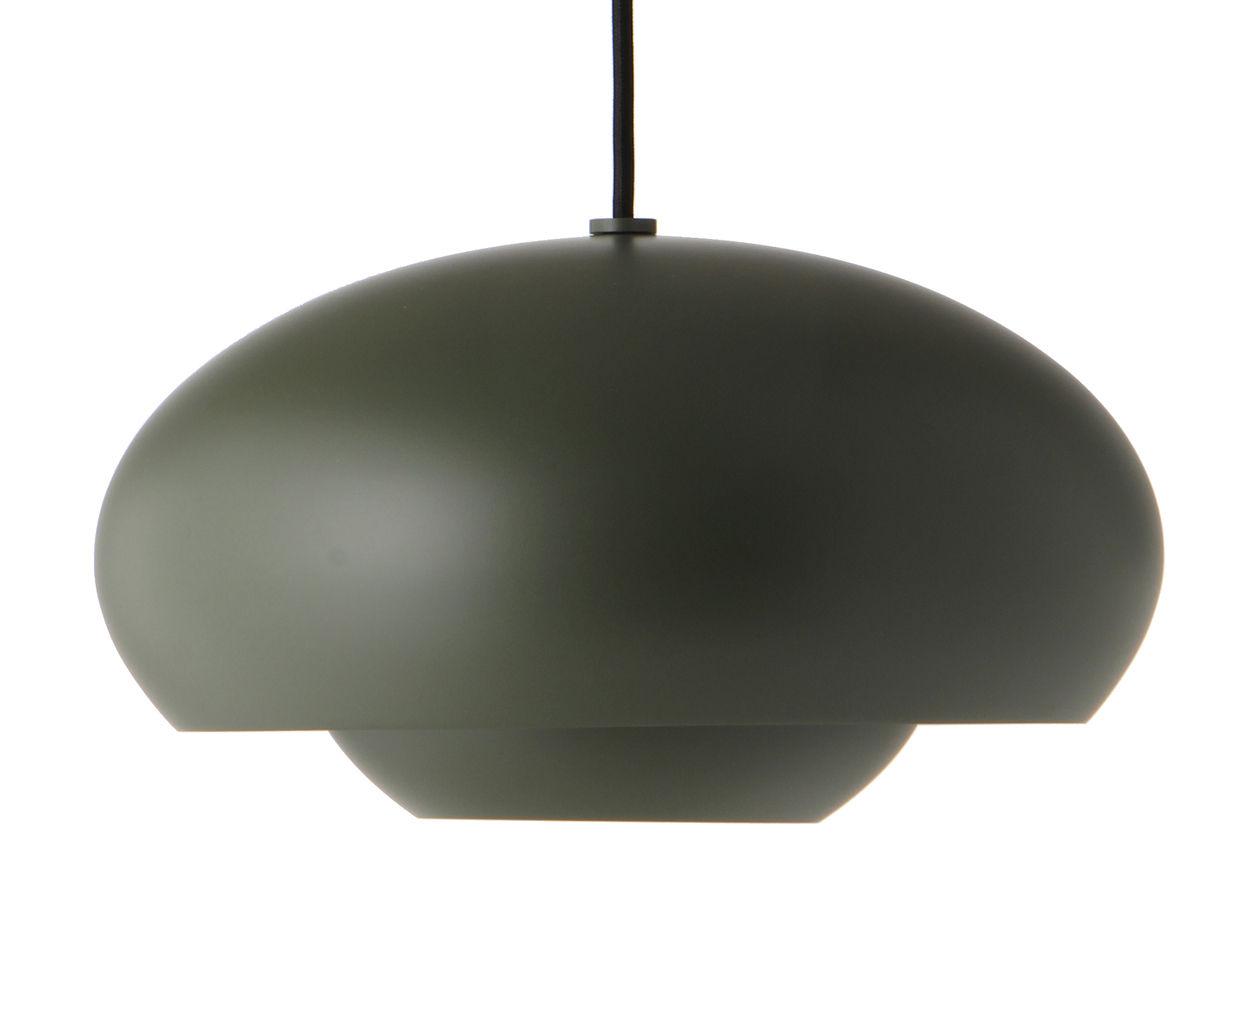 Illuminazione - Lampadari - Sospensione Champ - / Ø 37,5 cm di Frandsen - Verde - alluminio verniciato